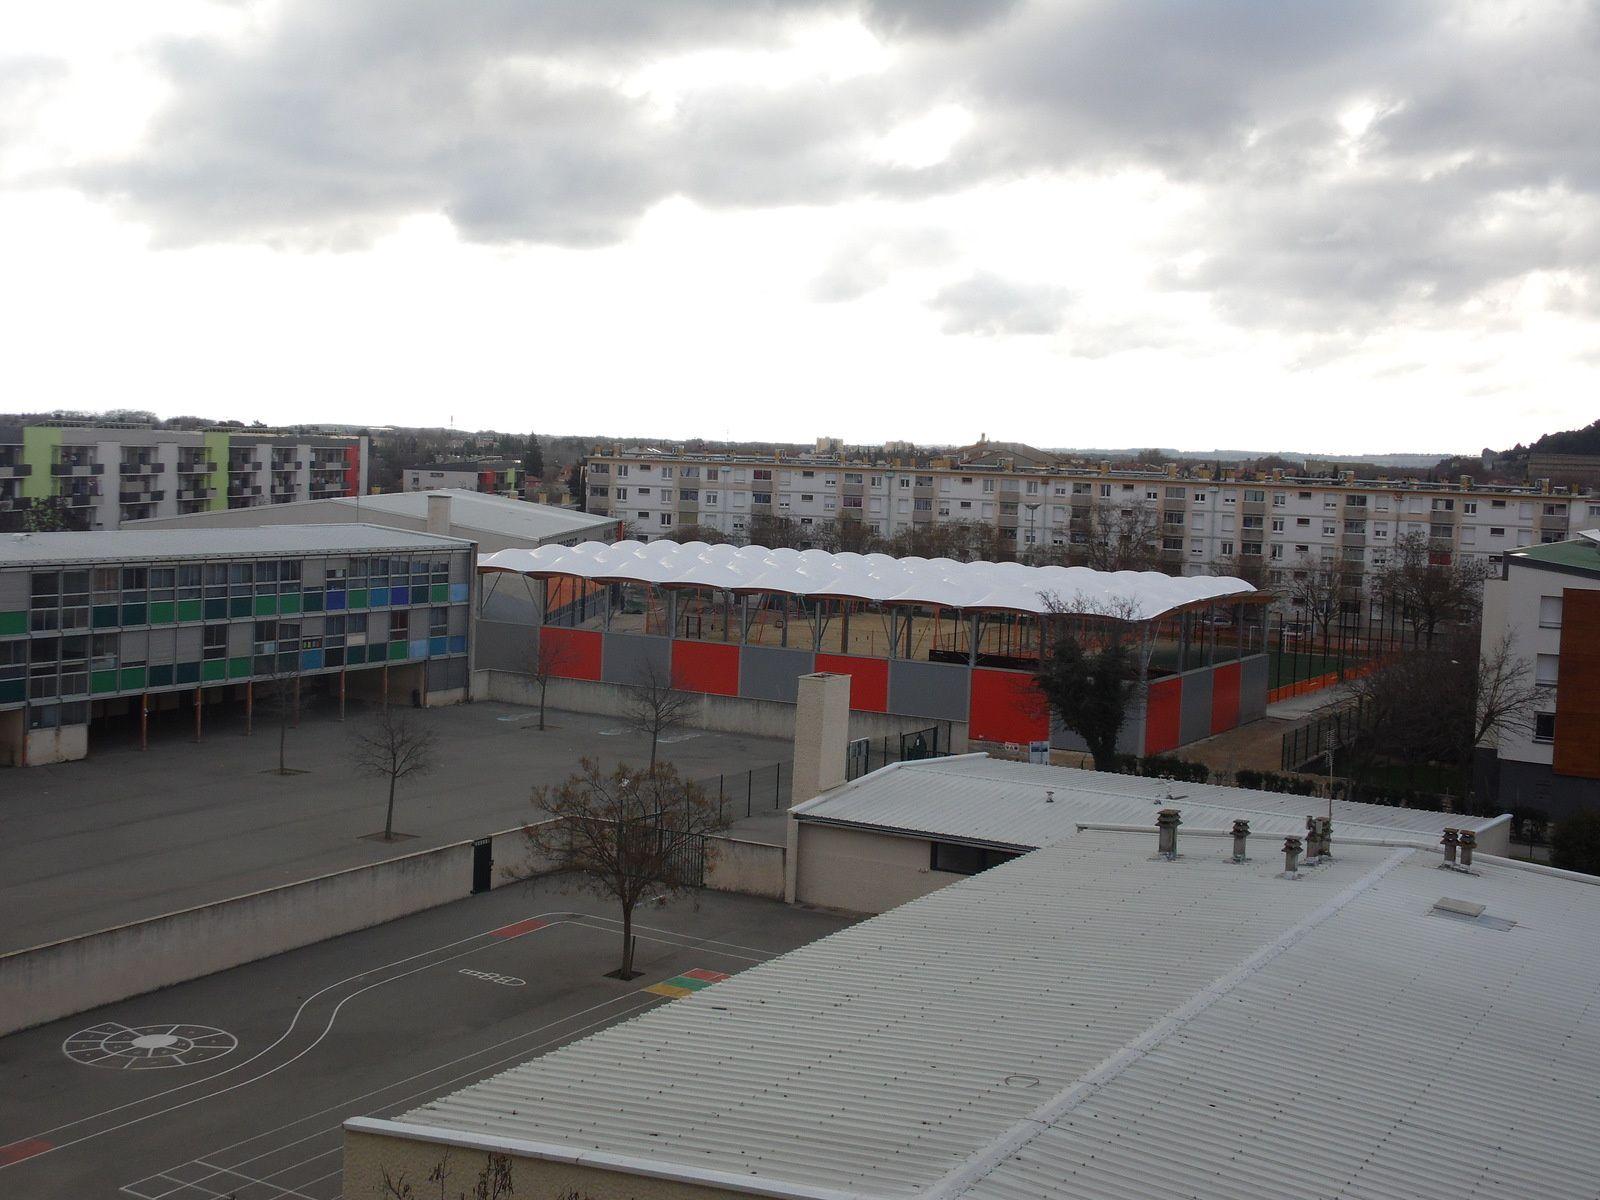 Photo au 16 01/2016 du quartier de Fourchevieilles avec vue sur le nouveau plateau multi-sports couvert, et bien sûr vous reconnaissez en premier plan les cours des écoles élèmentaire et maternelle.